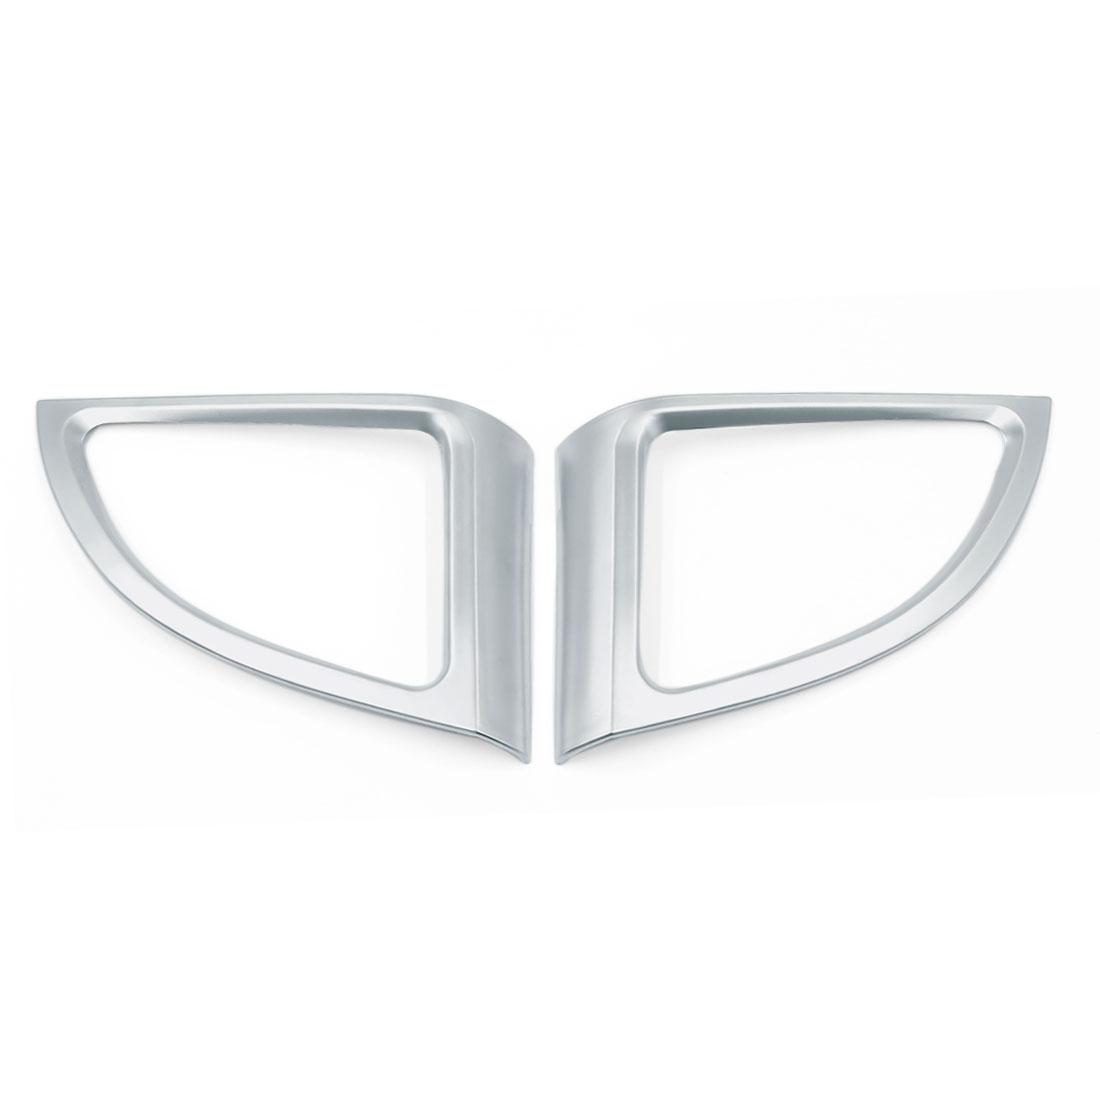 2pcs Chrome Car Air Condition Vent Cover Frame Trim for Honda CRV CR-V 2012 2013 2014 2015